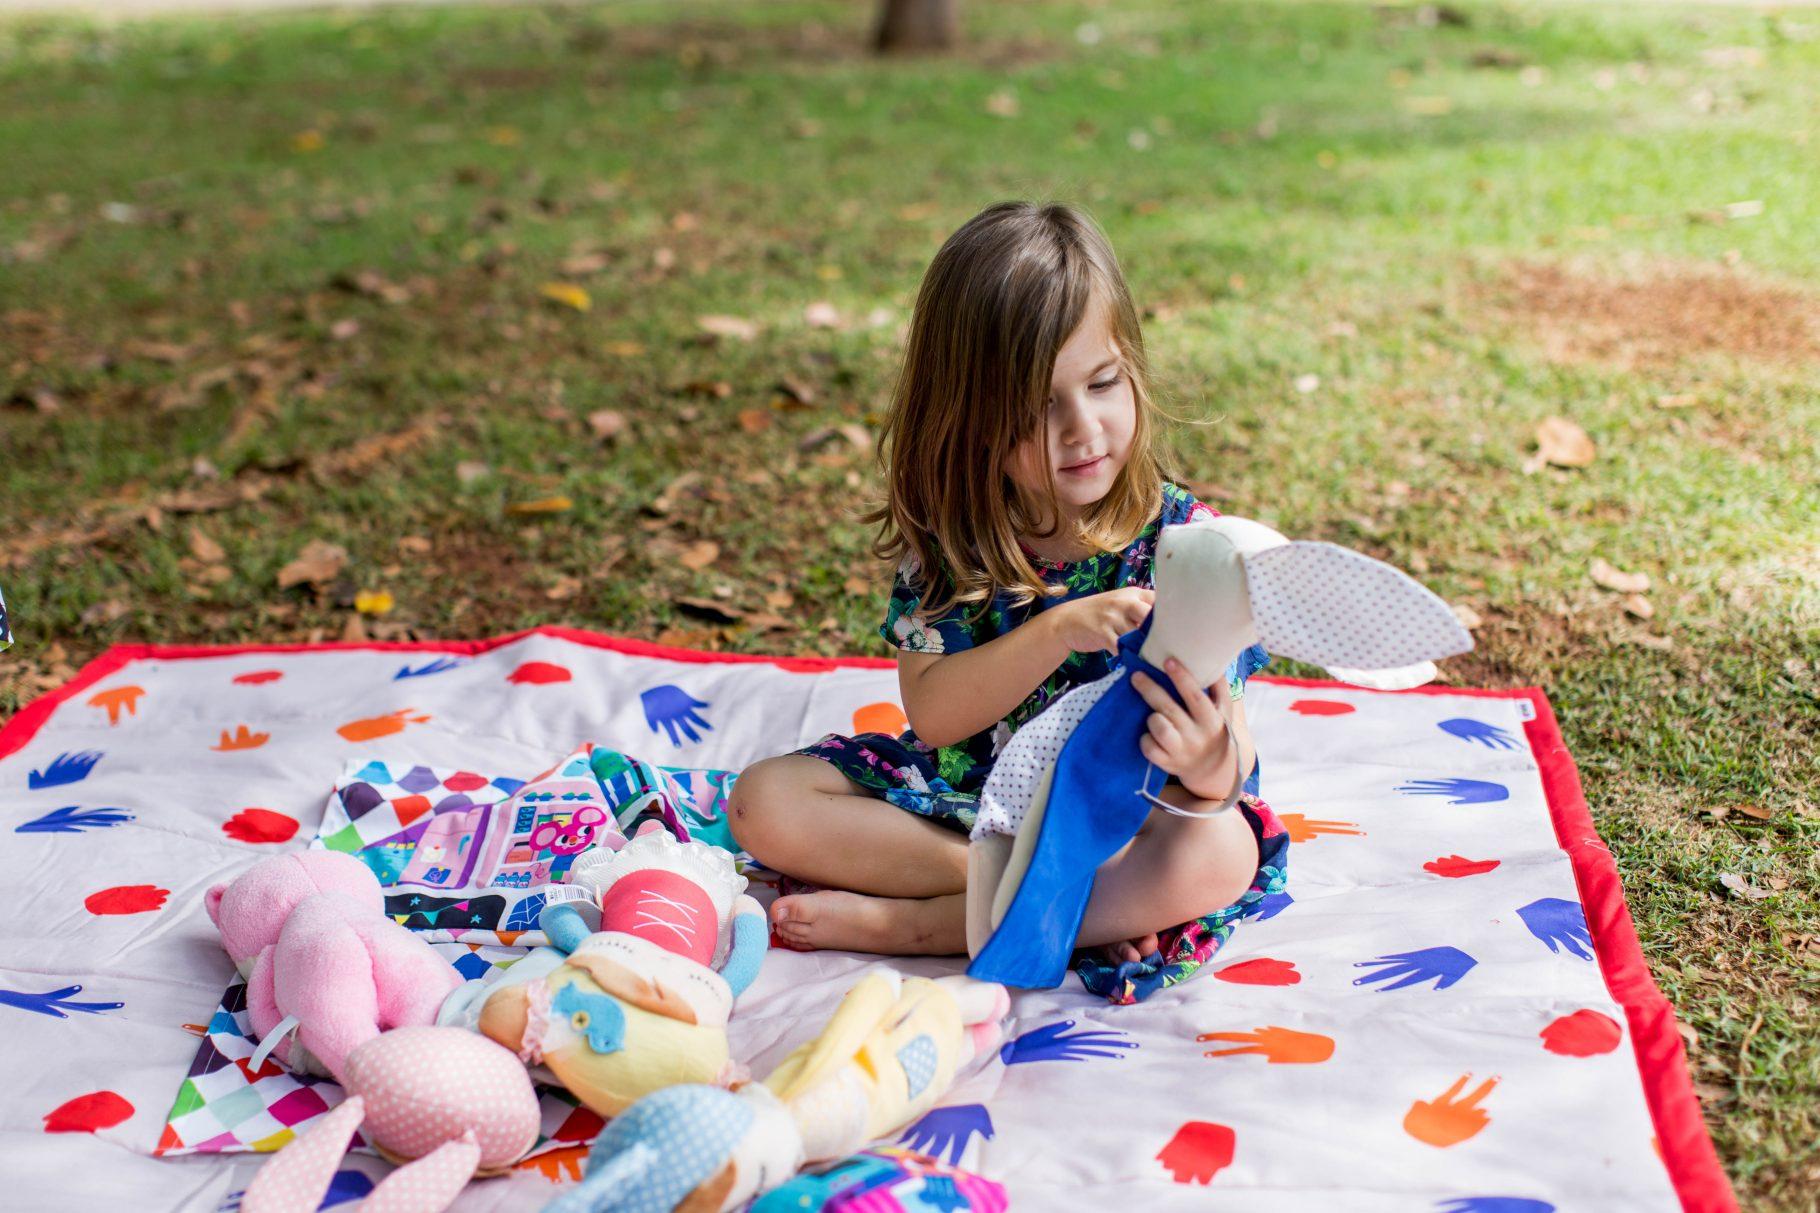 Atividades para crianças: O que fazer em casa na quarentena?